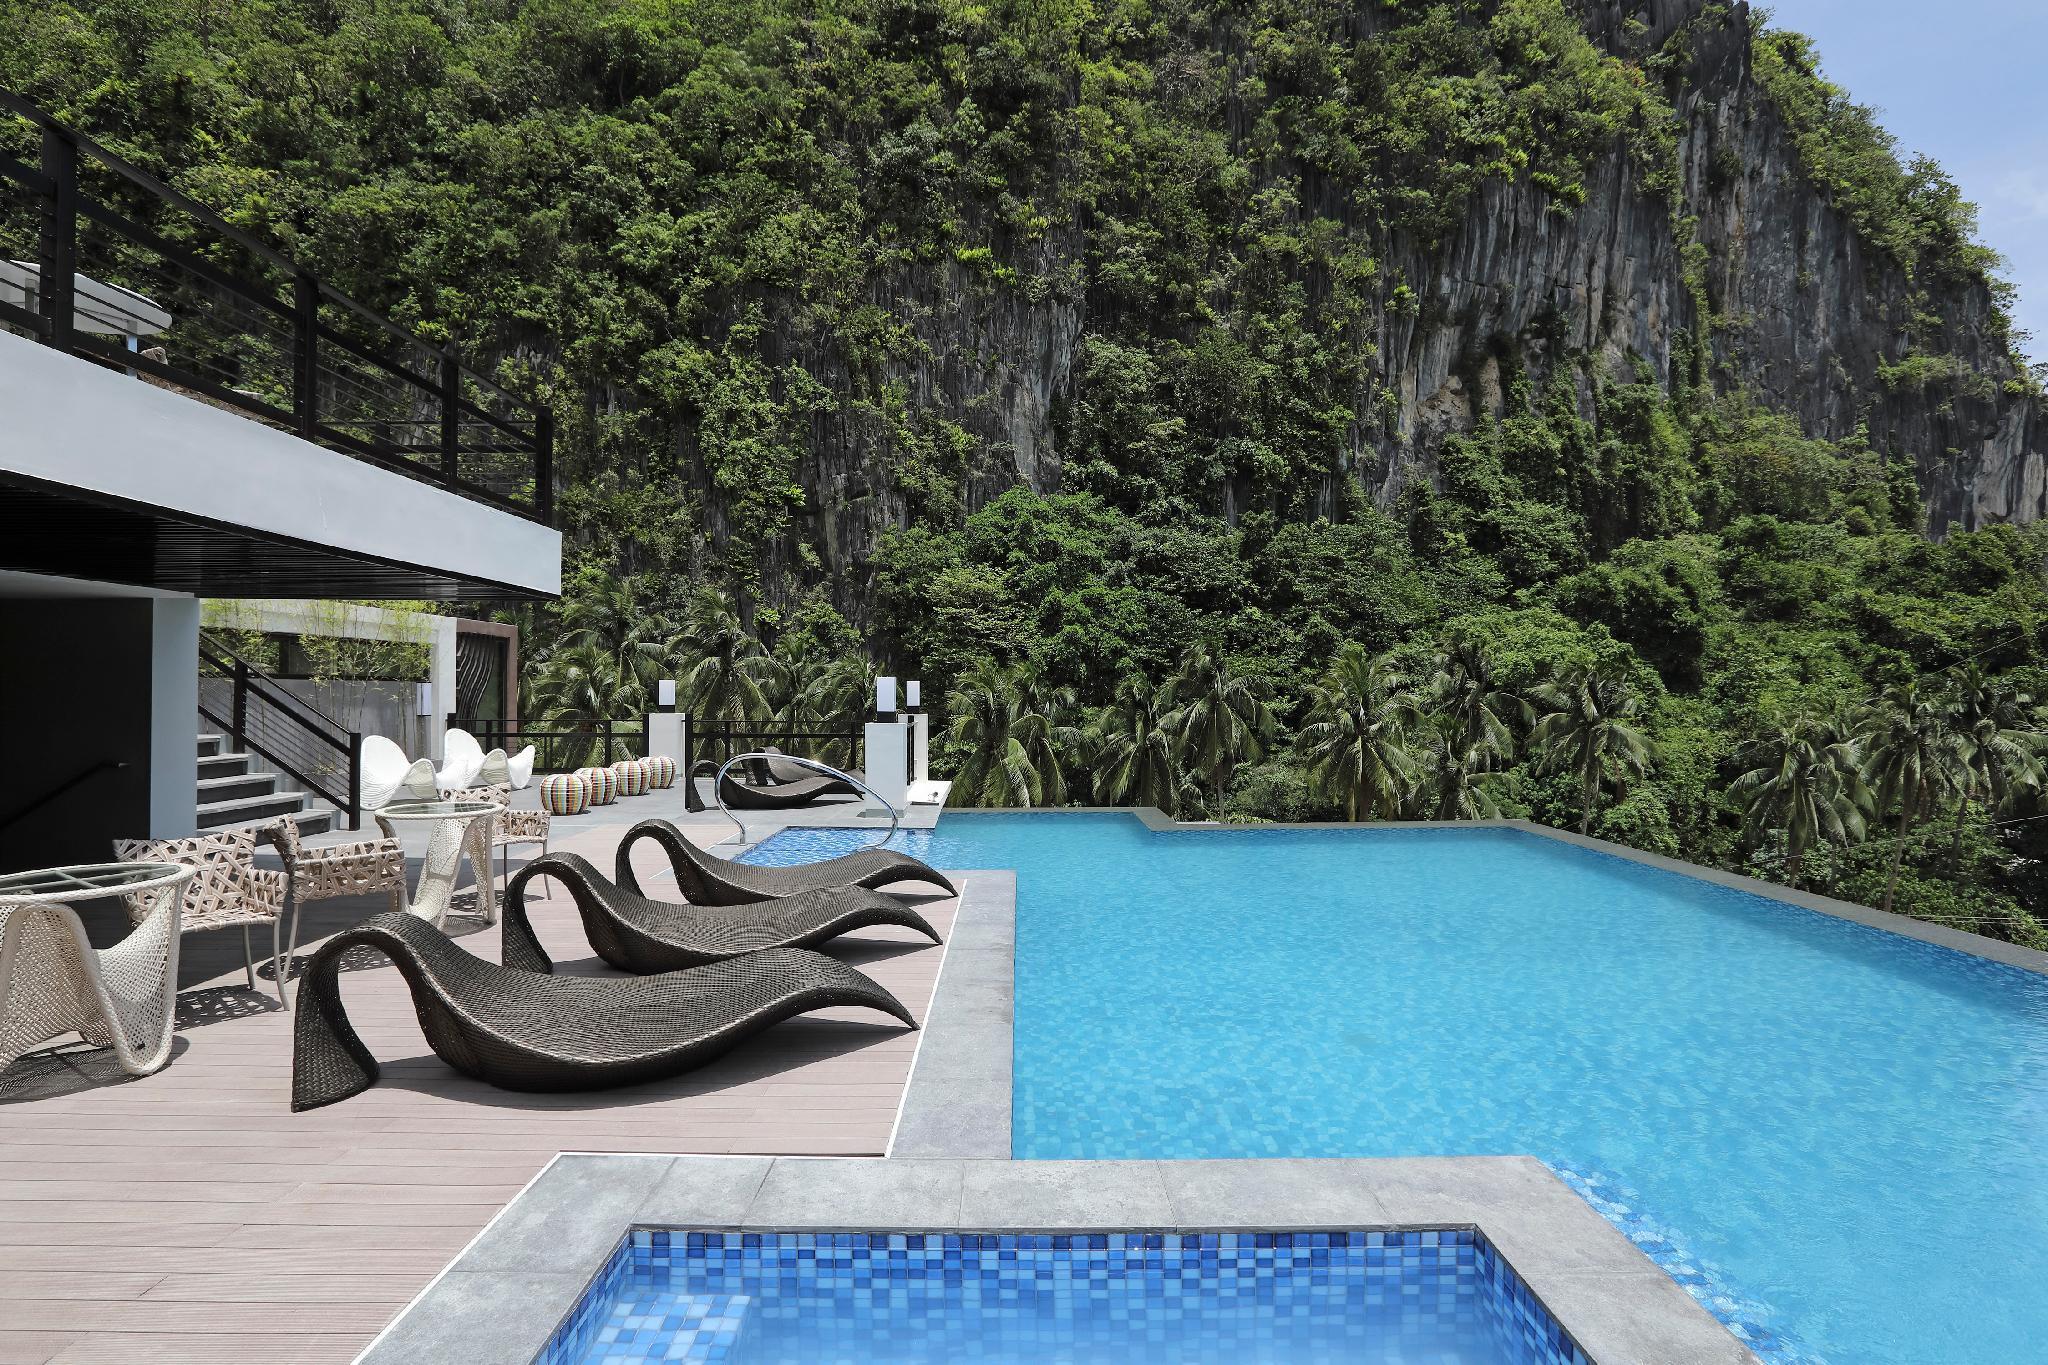 Lagun Hotel El Nido